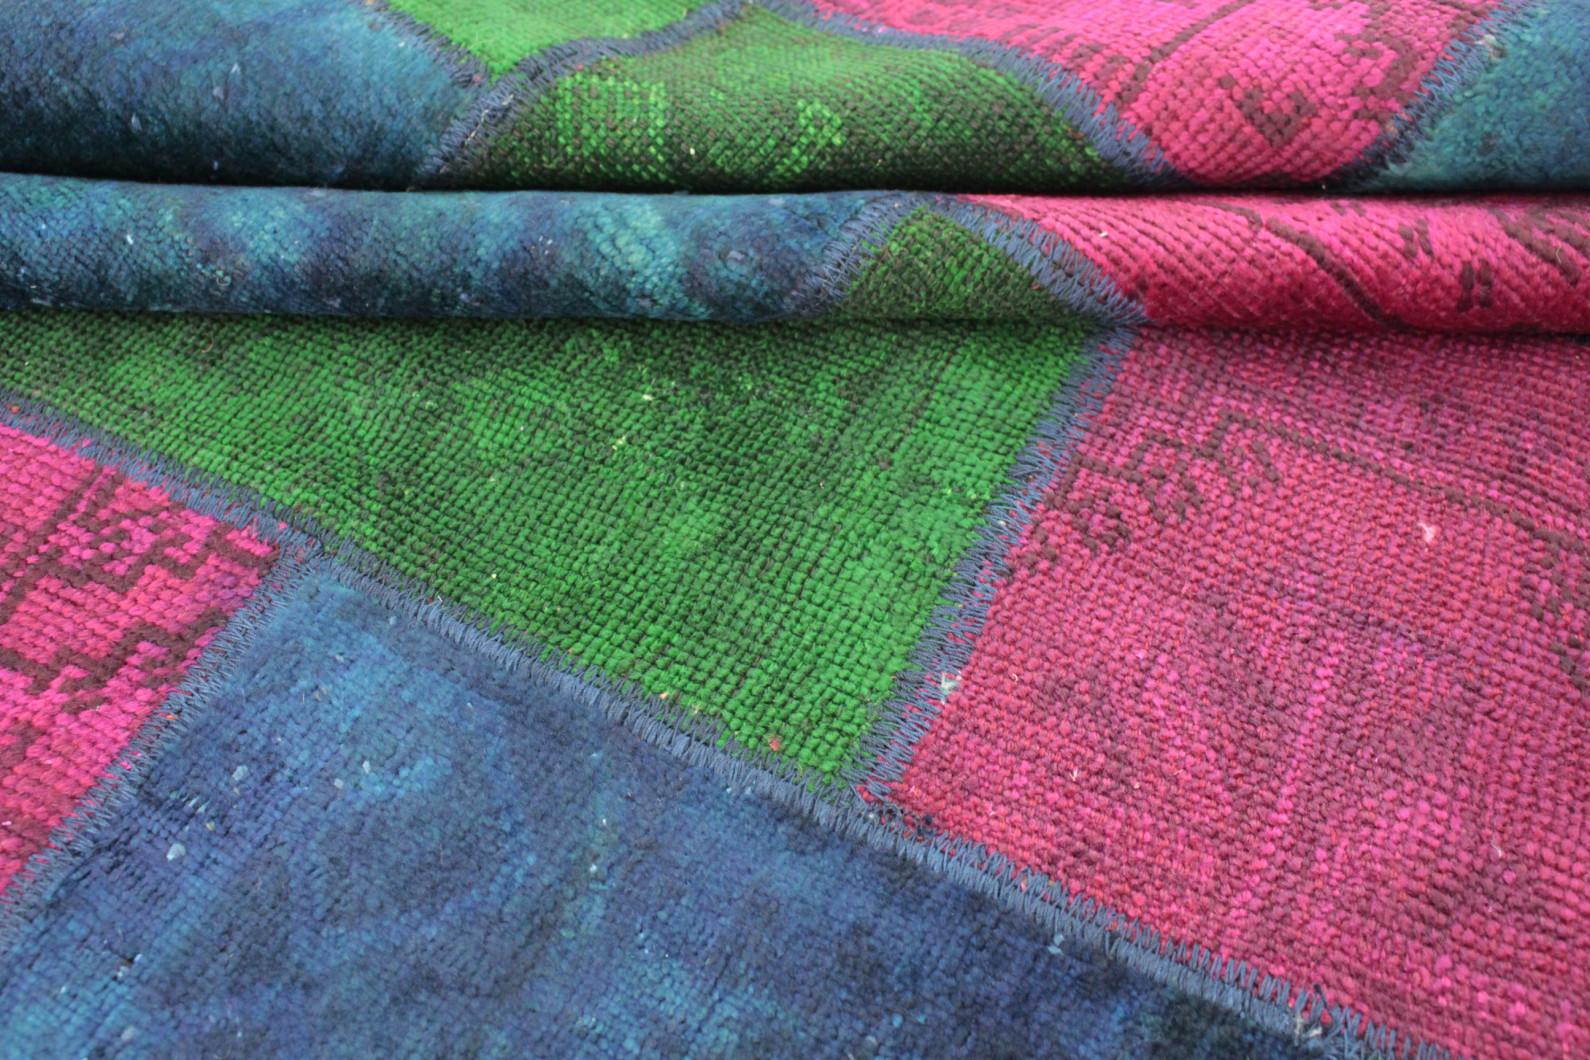 patchwork teppich gr n pink blau in 240x170 1001 167120 bei kaufen. Black Bedroom Furniture Sets. Home Design Ideas